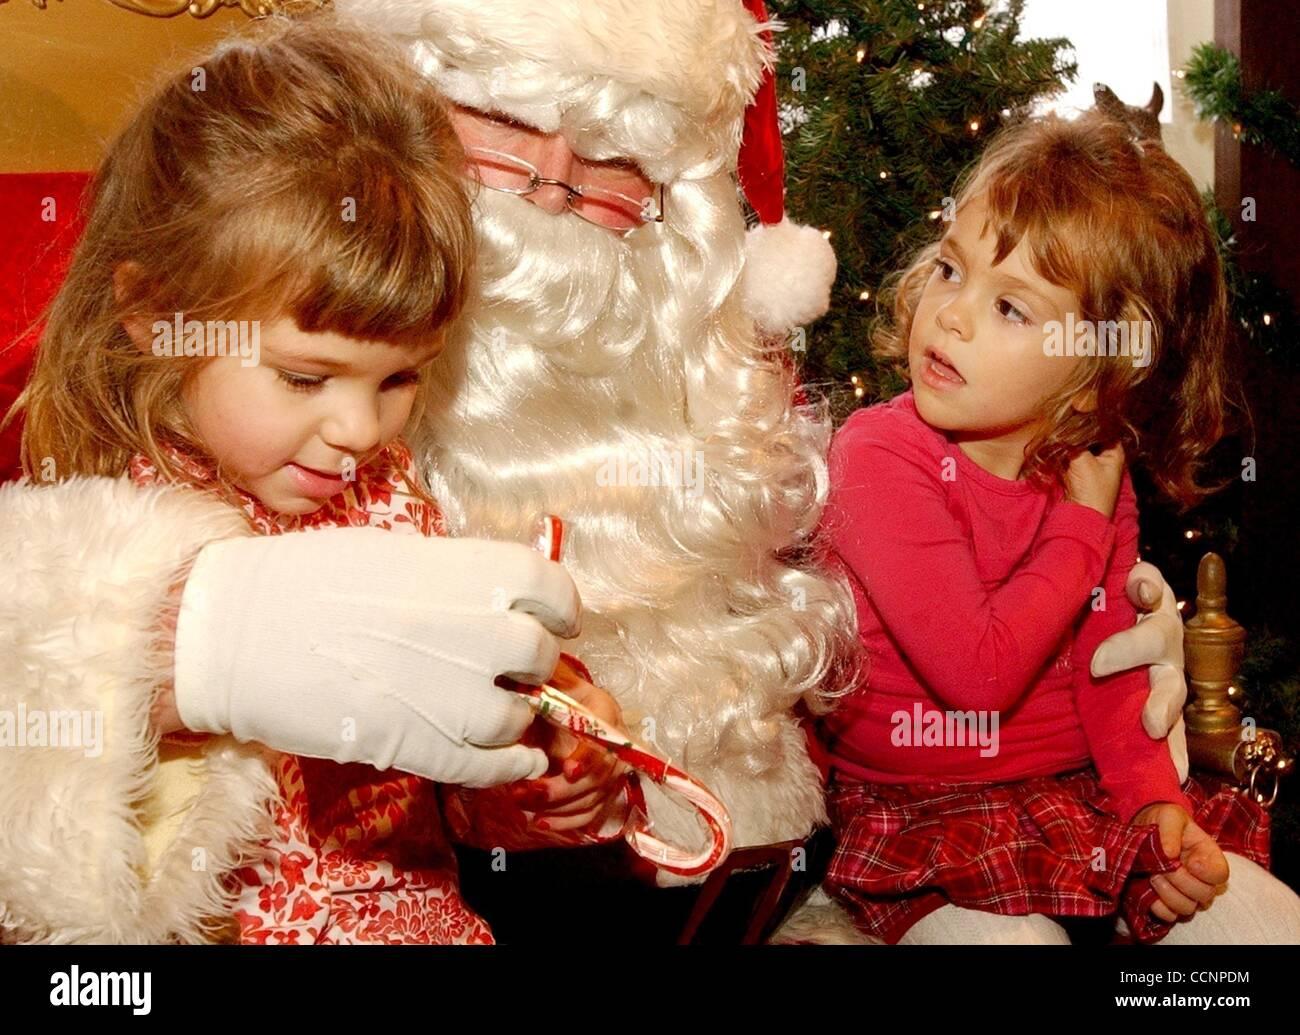 Cousins L Stock Photos & Cousins L Stock Images - Alamy